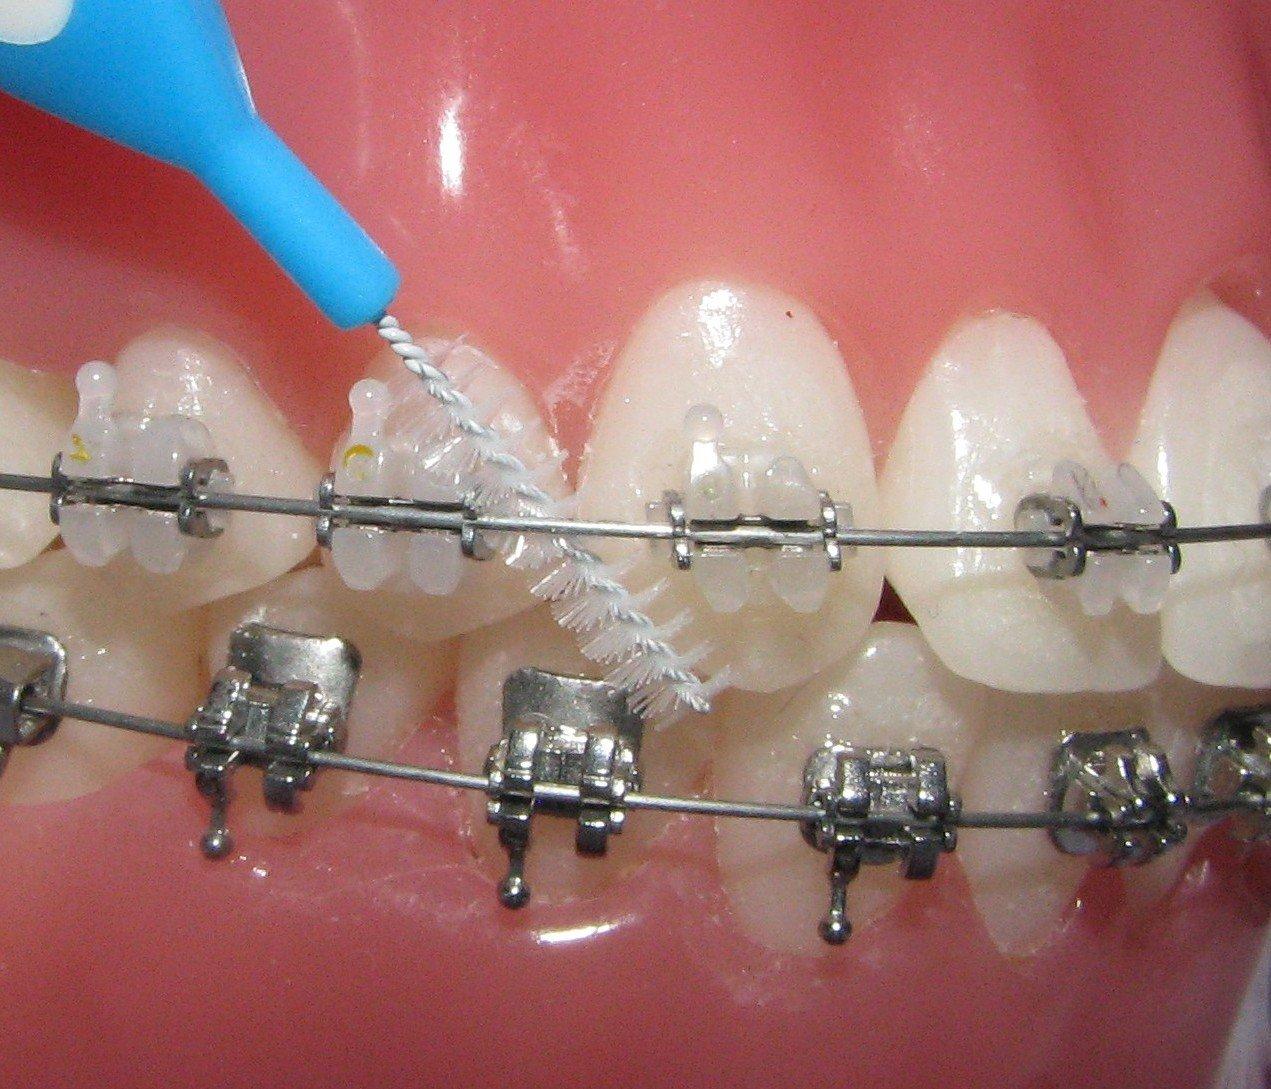 Щоденний догляд за зубами – це невід ємна частина ортодонтичного лікування  та запорука впевненості у собі. Яка має бути щітка для брекетів  0b19aa769aaf6